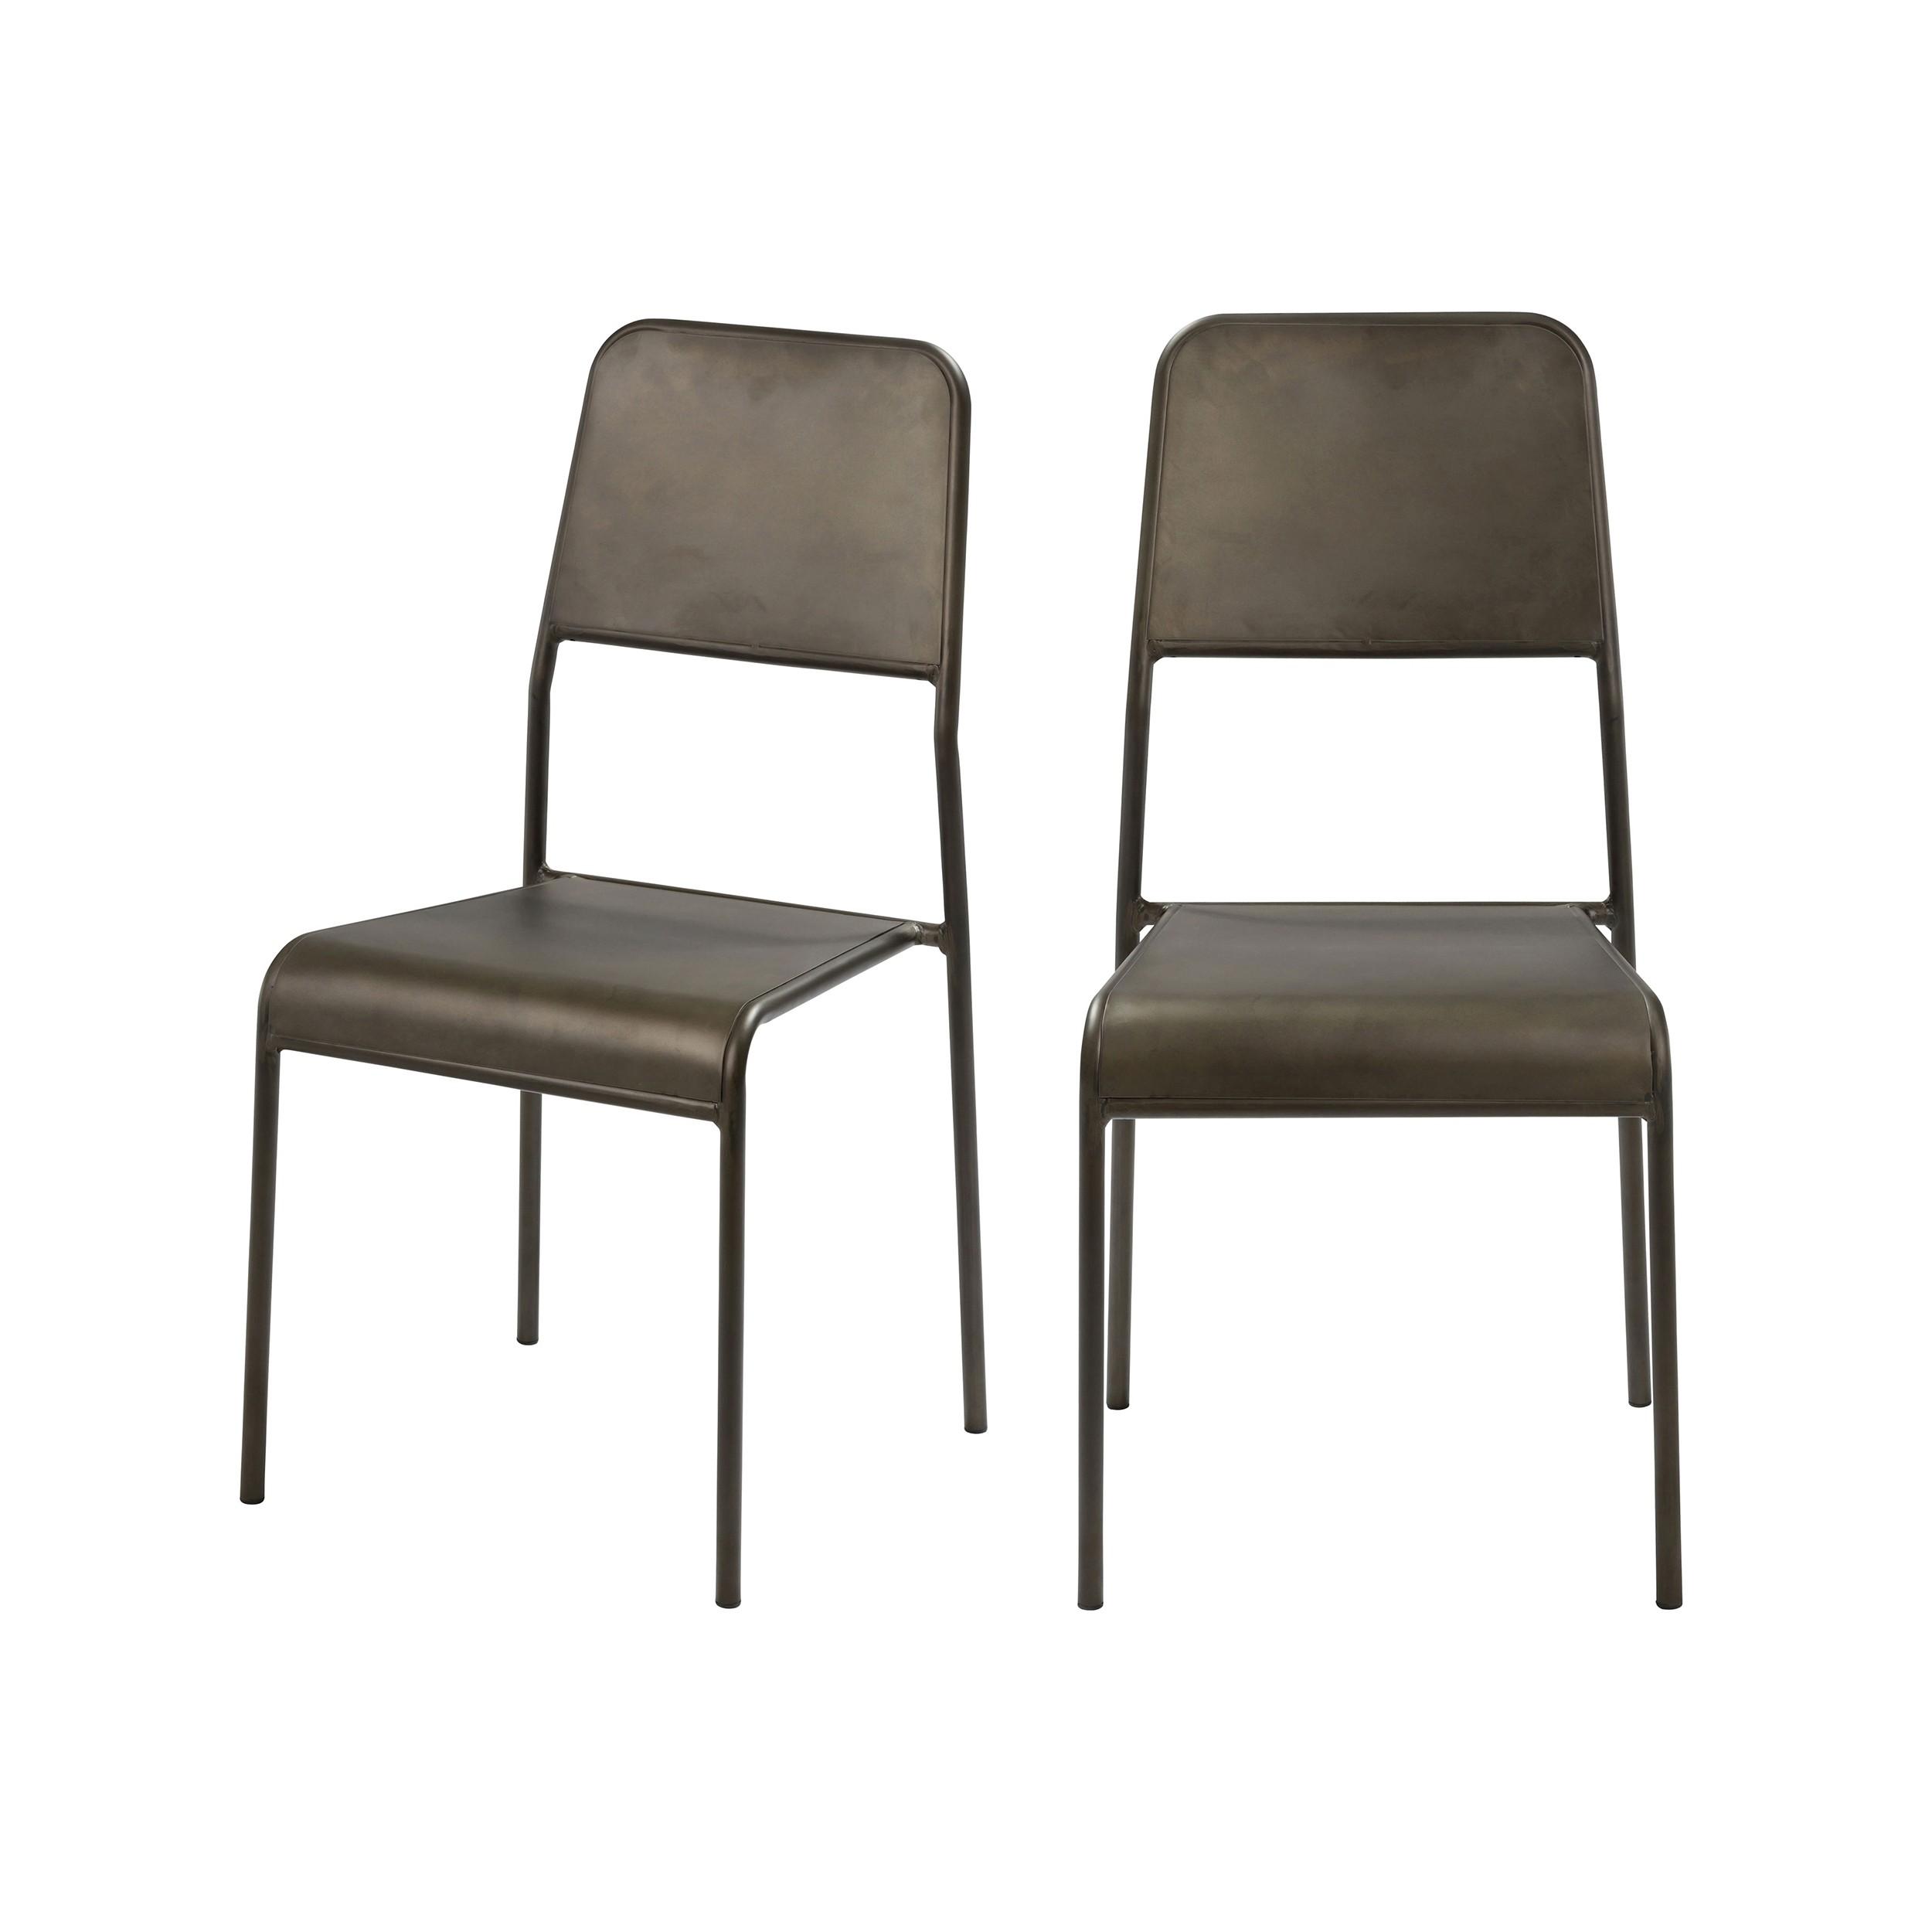 acheter chaise de jardin grises lot de 2